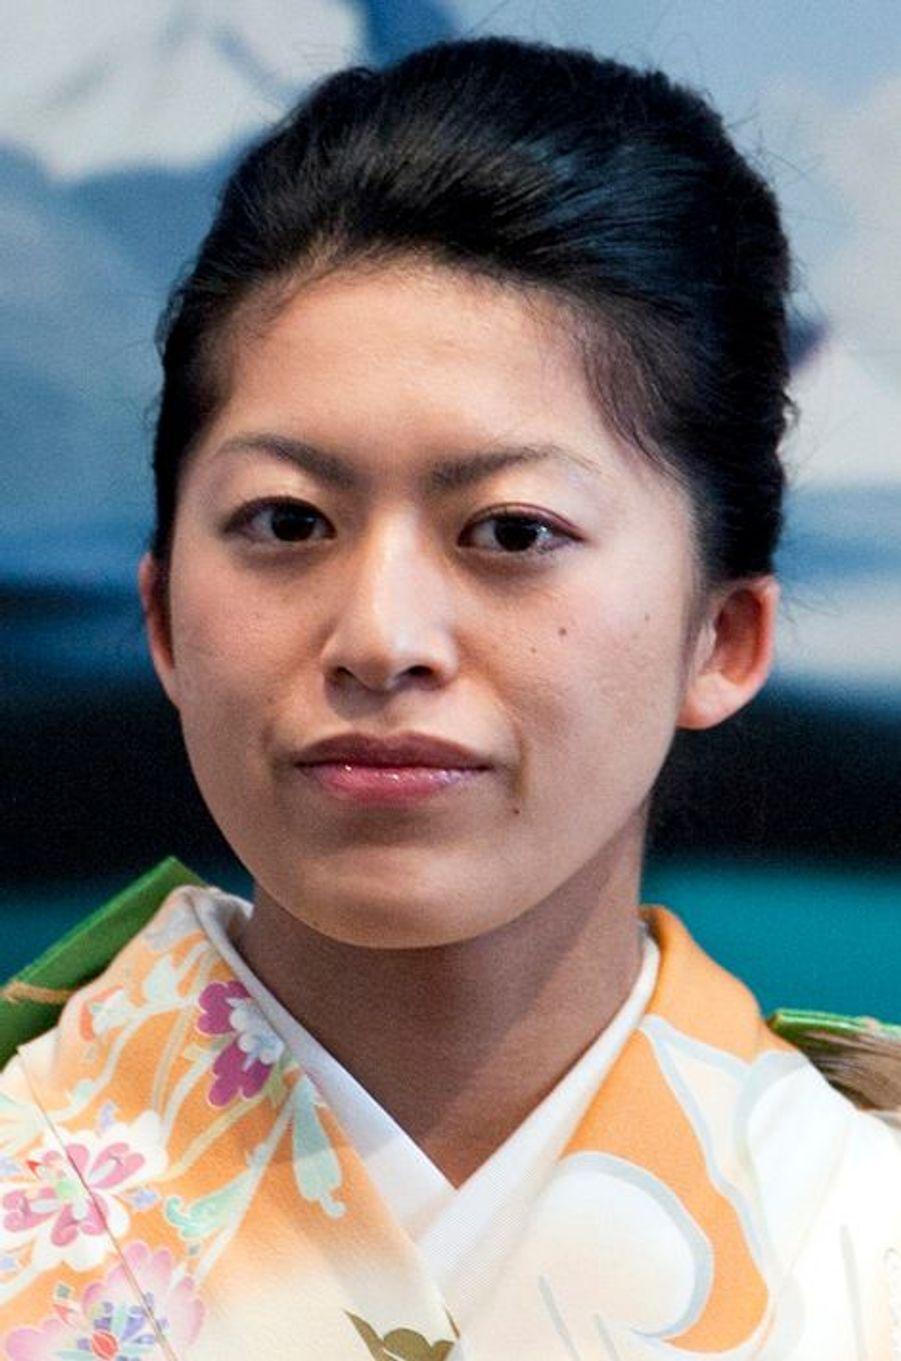 La princesse Tsuguko de Takamado à Tokyo, le 27 mars 2015